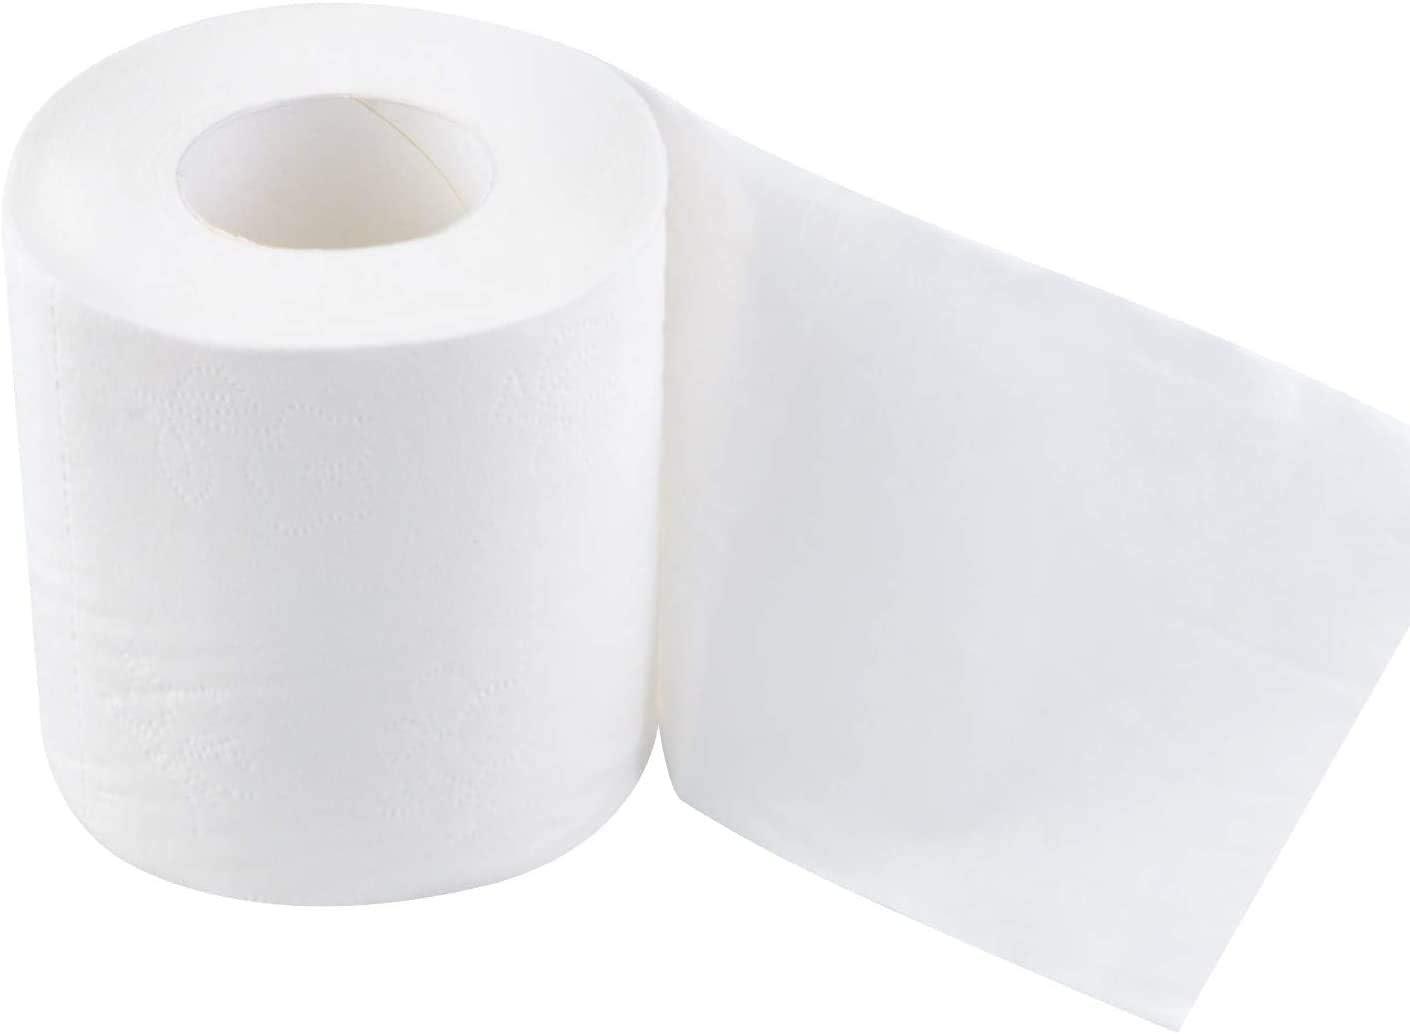 Papel Higiénico Una Bolsa De 16 Rollos De Papel Higiénico Super Suave Papel Higiénico Blanco Para Uso Doméstico Un Rollo De 150 Hojas Estándar Capas Blanco Health Personal Care